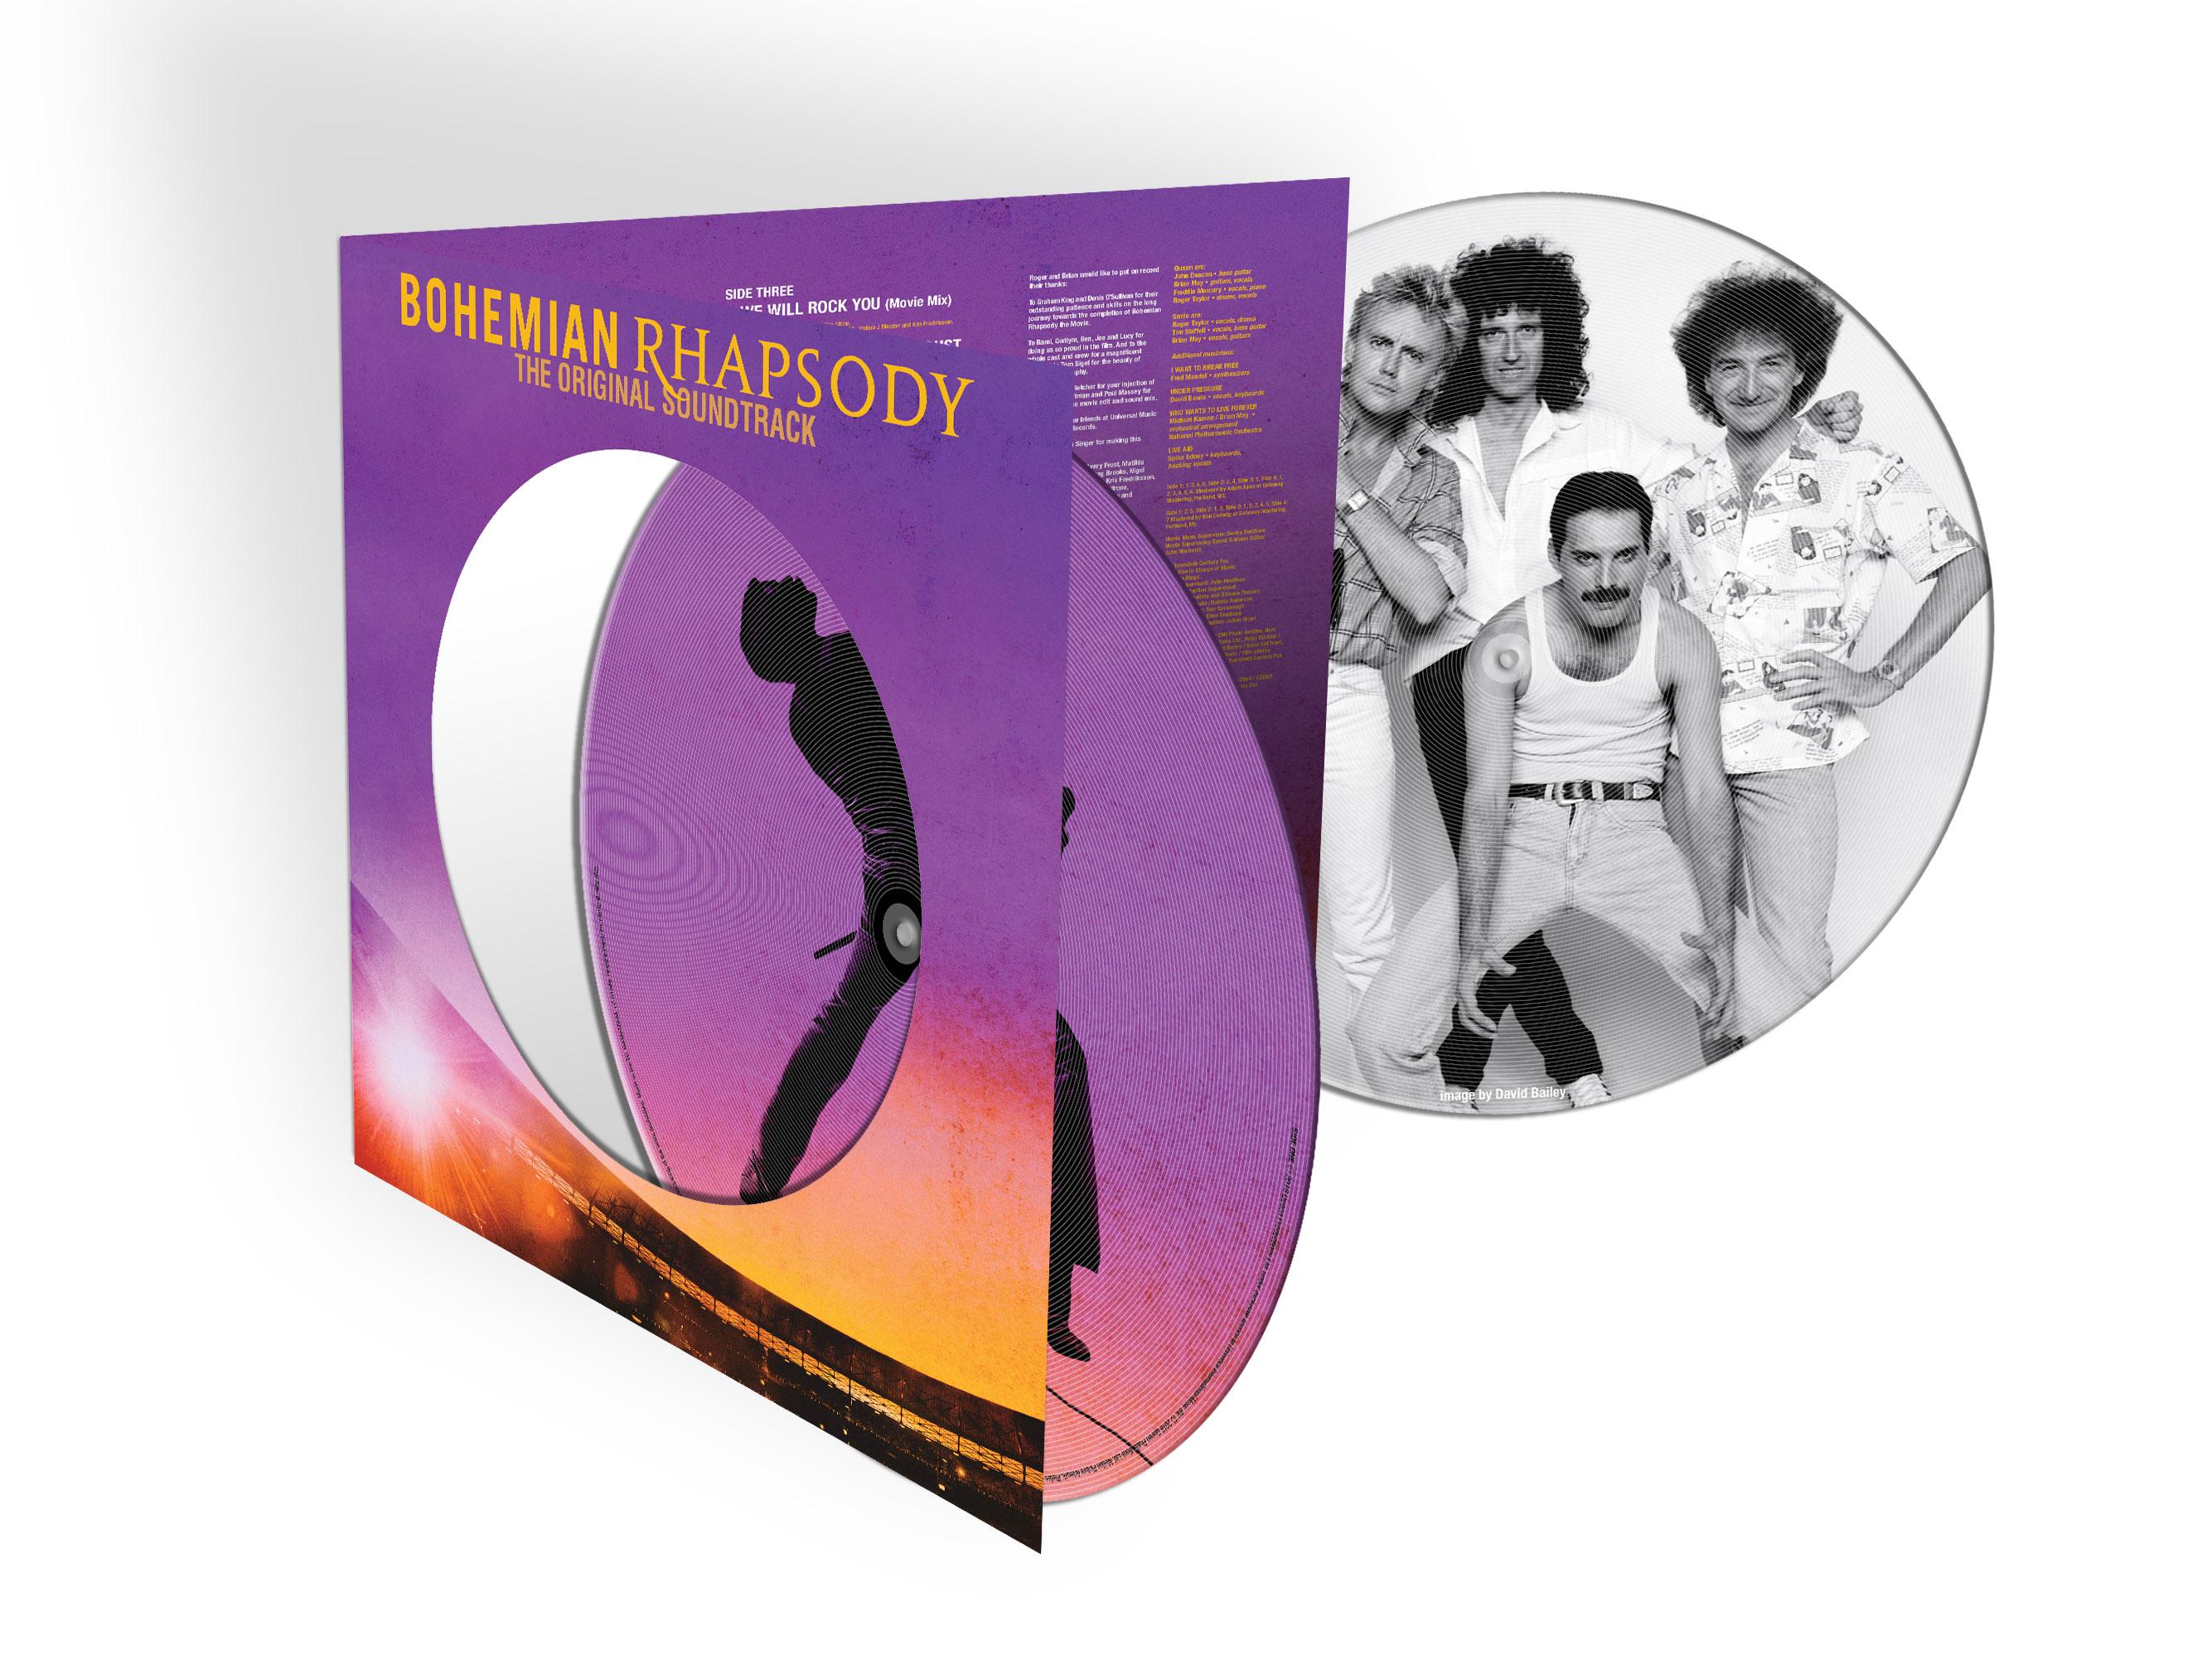 世界中で一大旋風を巻き起こし、アカデミー賞では最多4部門の栄冠に輝いた大ヒット映画『ボヘミアン・ラプソディ』のサントラ盤が、2枚組の重量盤ピクチャー・ディスク